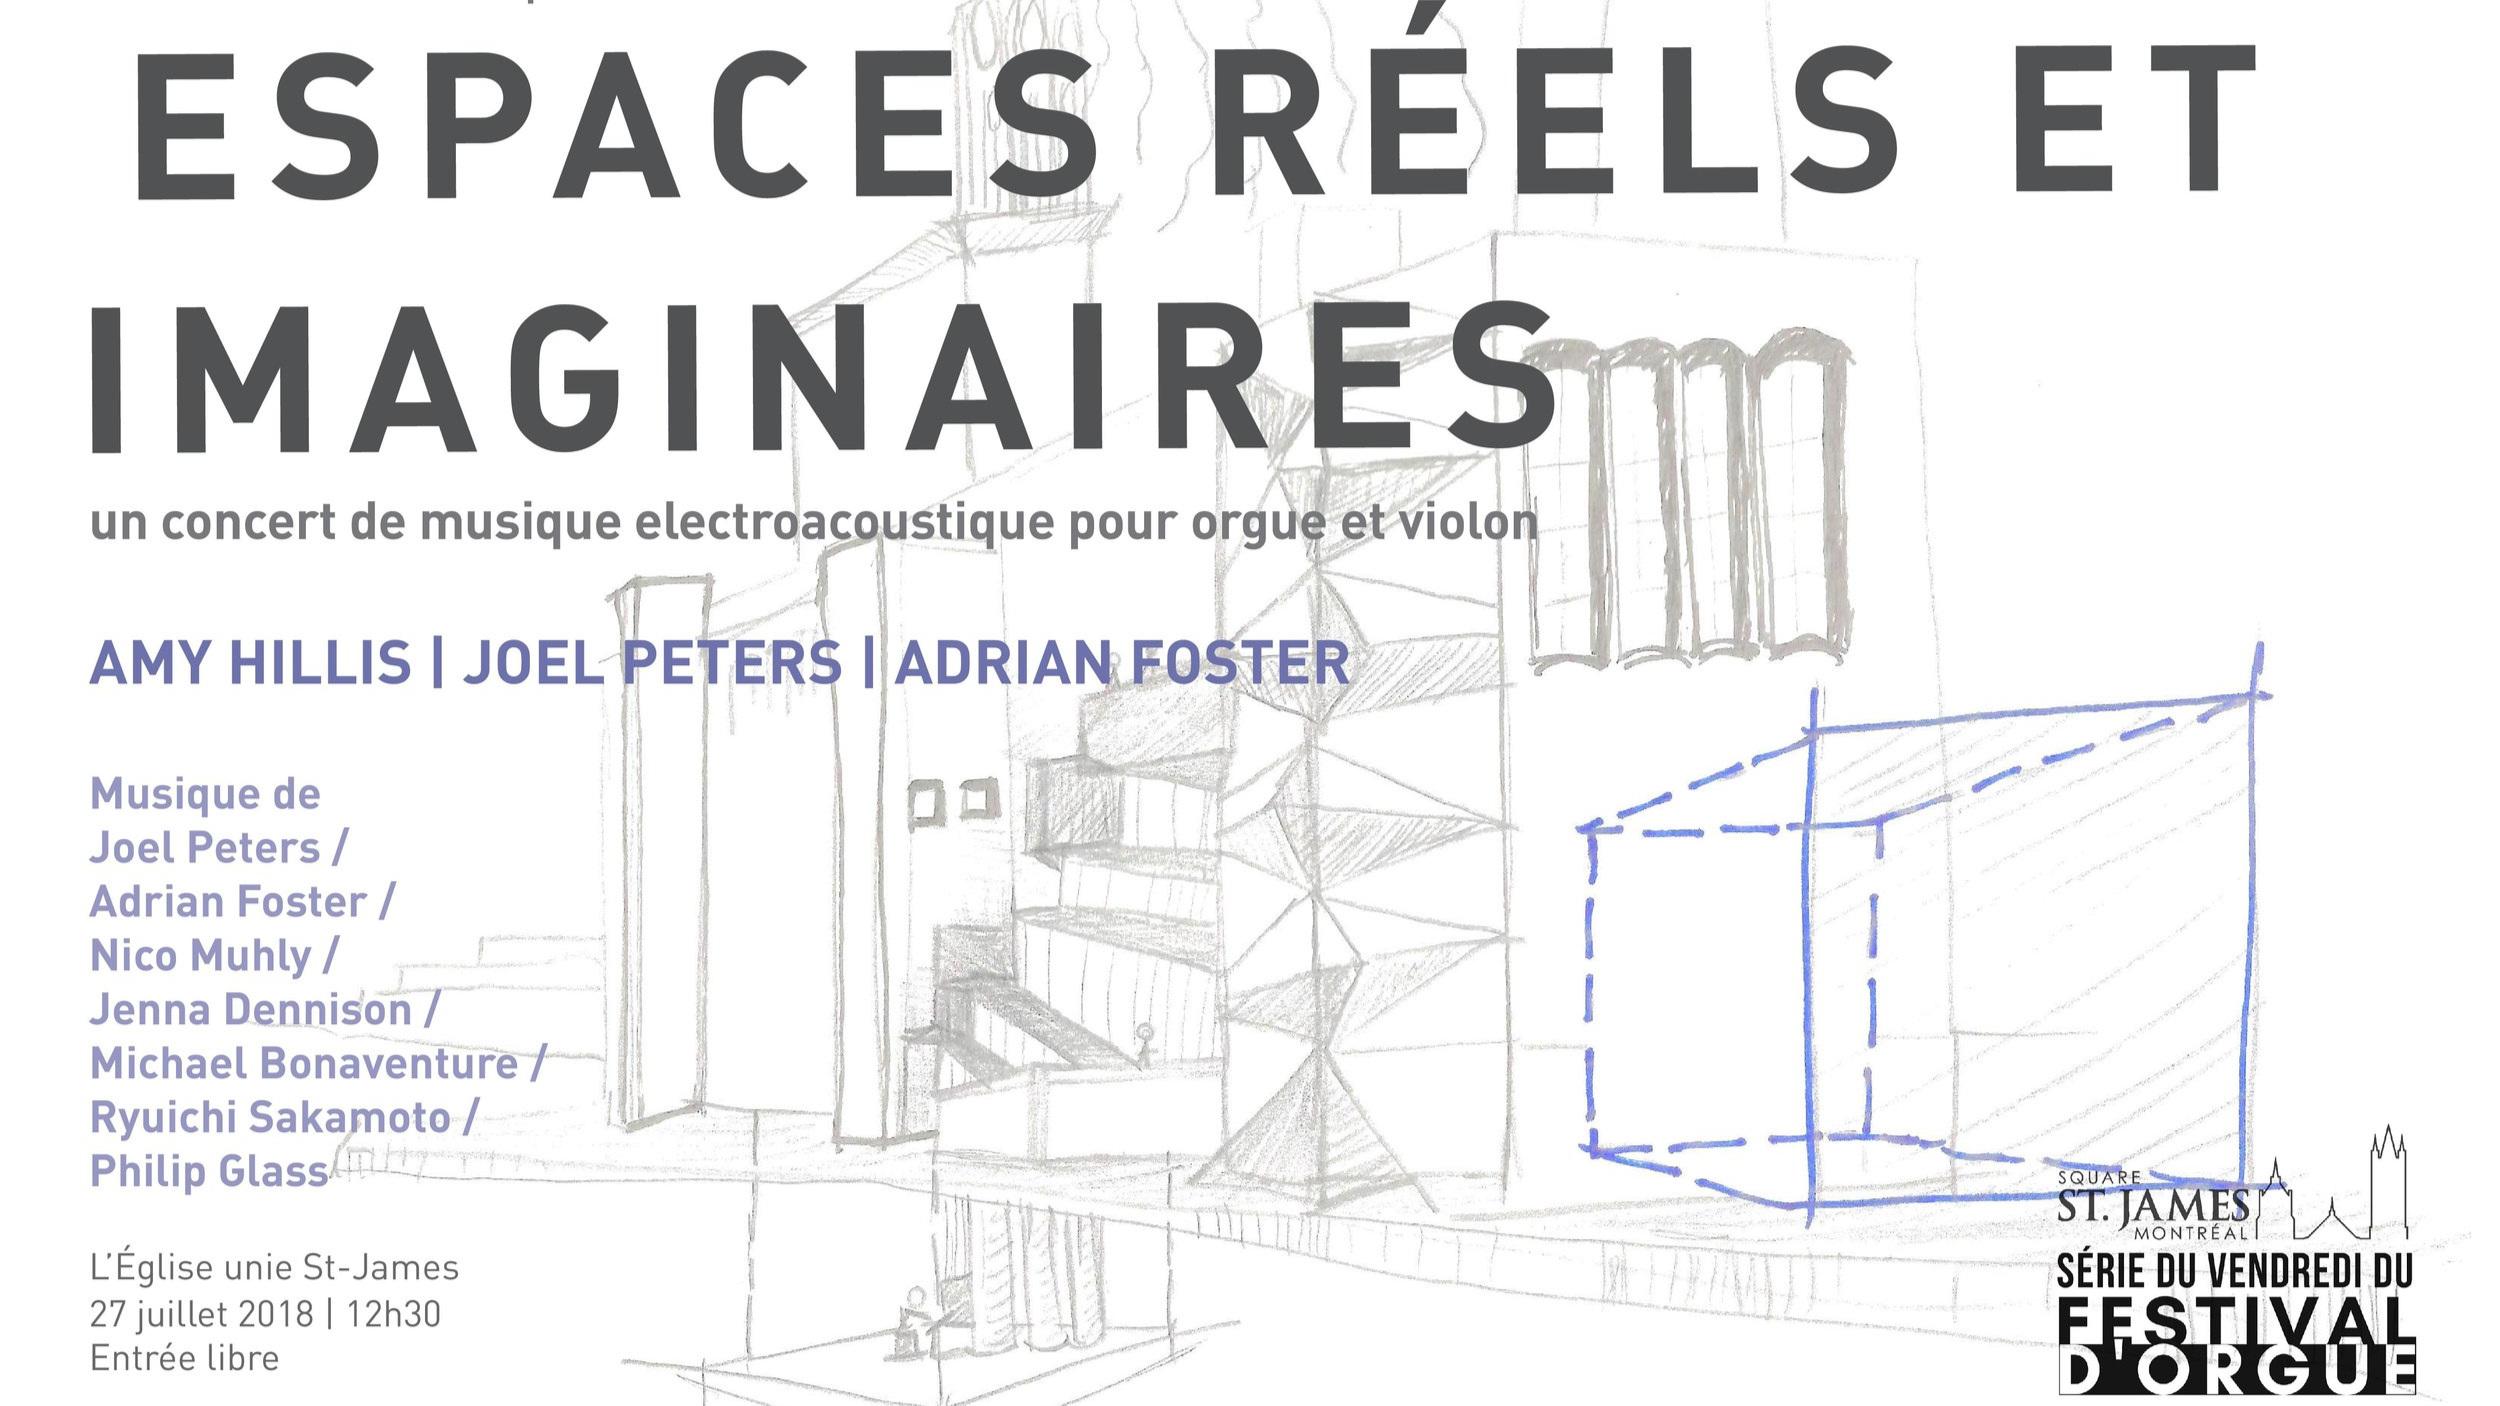 Espaces réels et imaginaires (juillet 2018) - Église unie Saint-James (Montréal) - avec Amy Hillis, violon